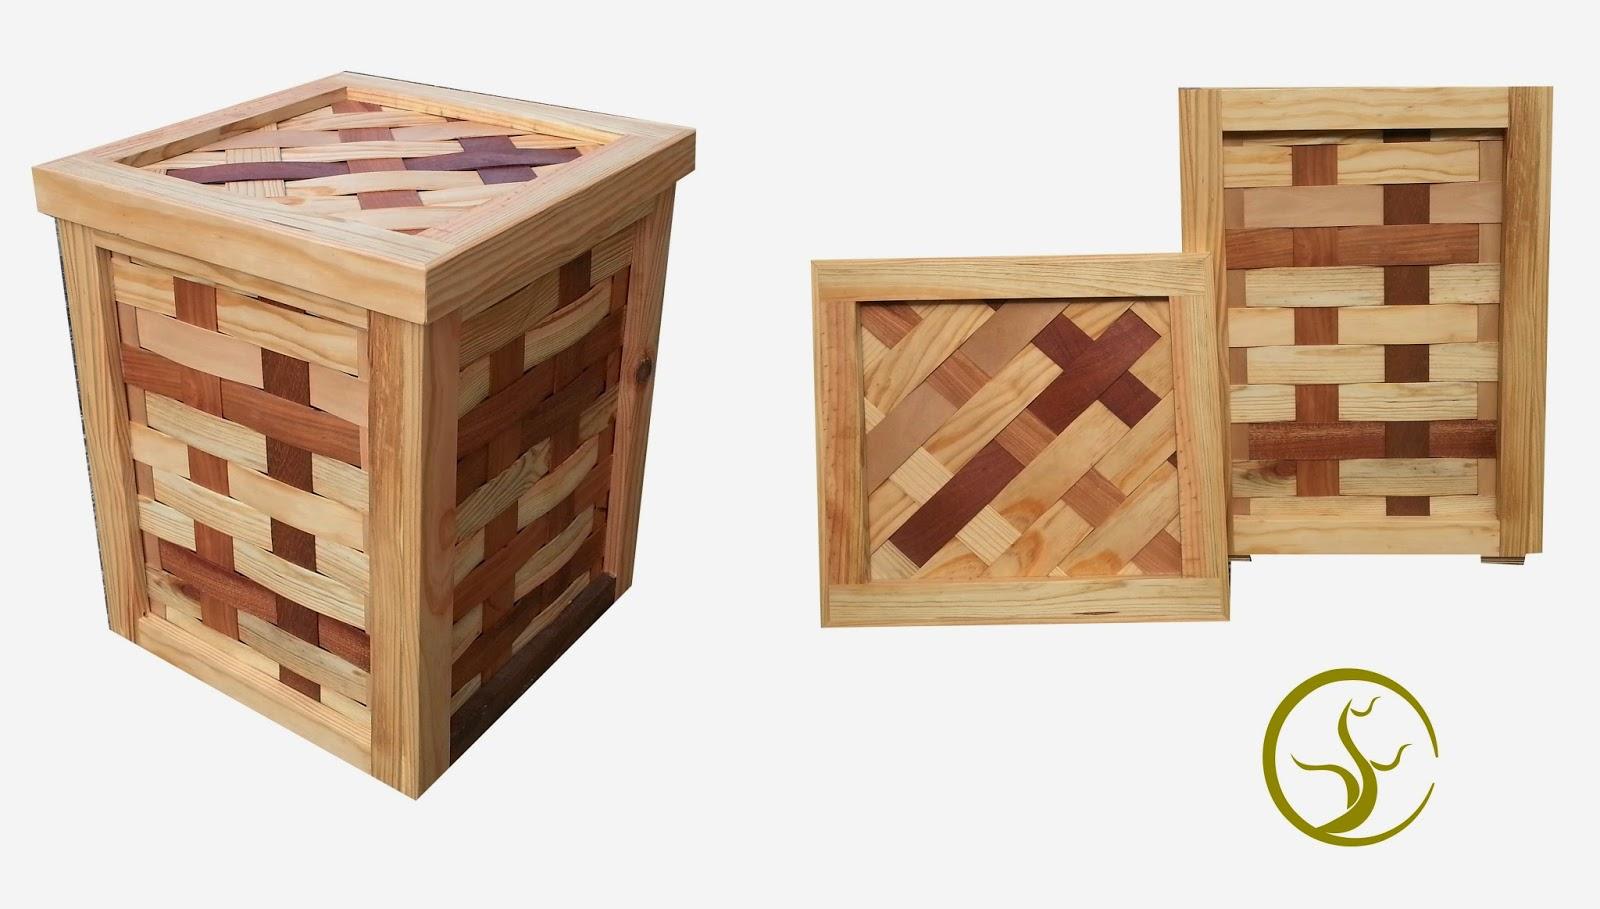 Sfc muebles sostenibles y creativos ecodise o - Cestos de madera ...